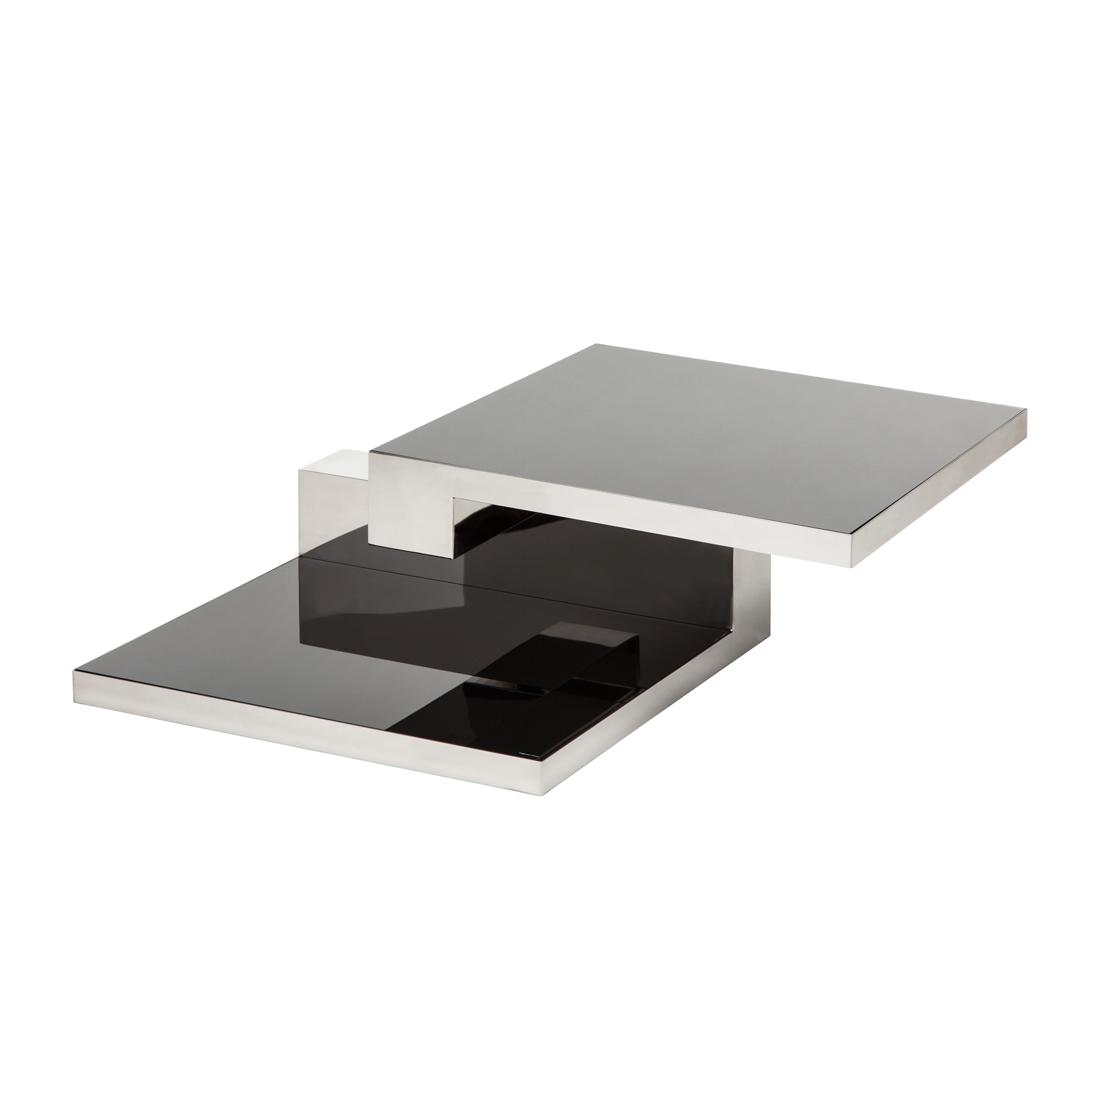 Couchtisch quadratisch silber schwarz hochglanz for Couchtisch schwarz hochglanz